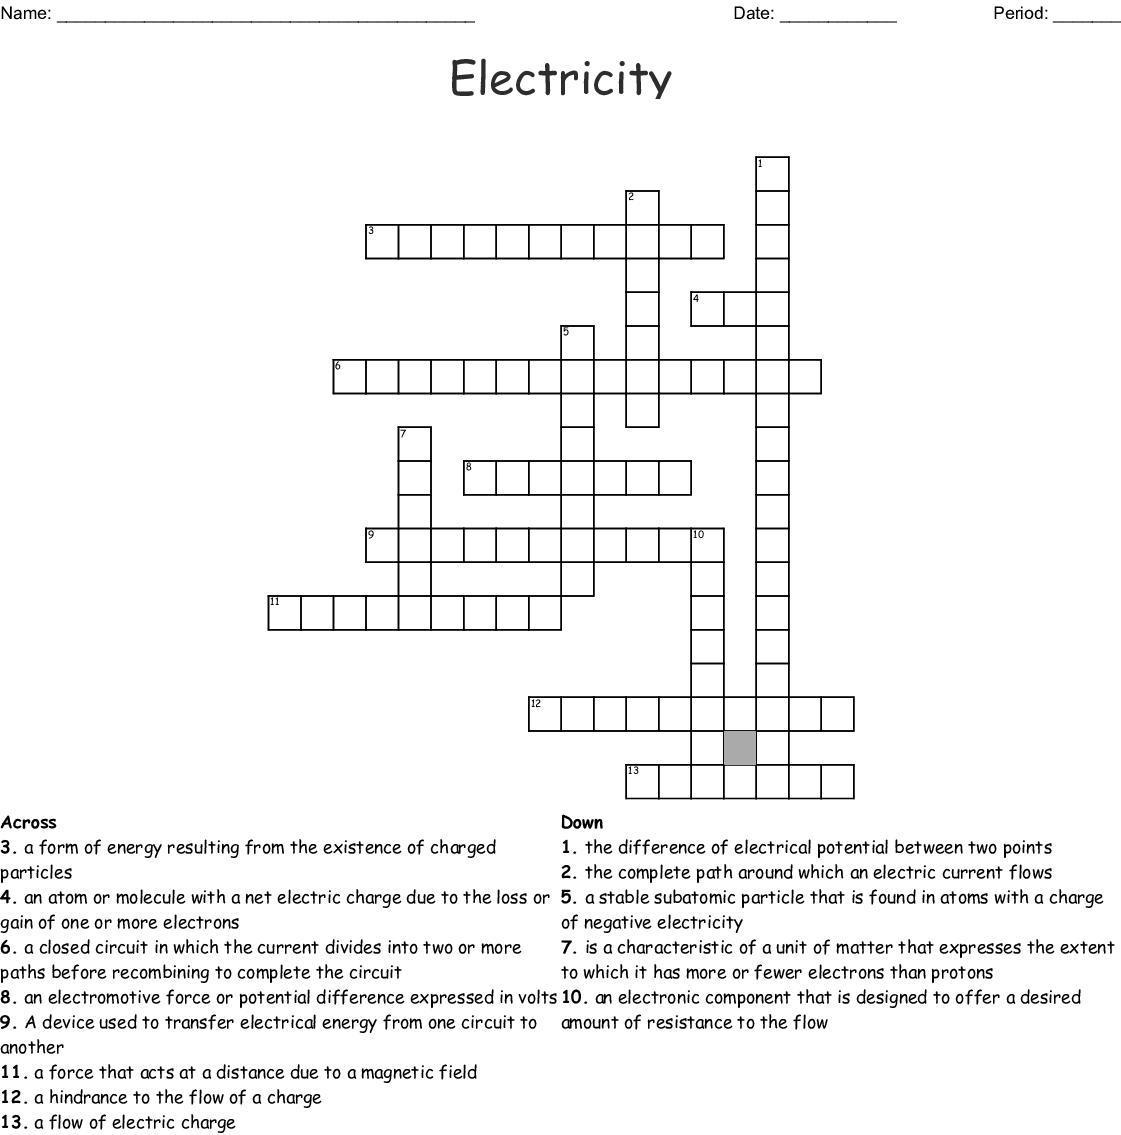 Electricity Crossword Wordmint